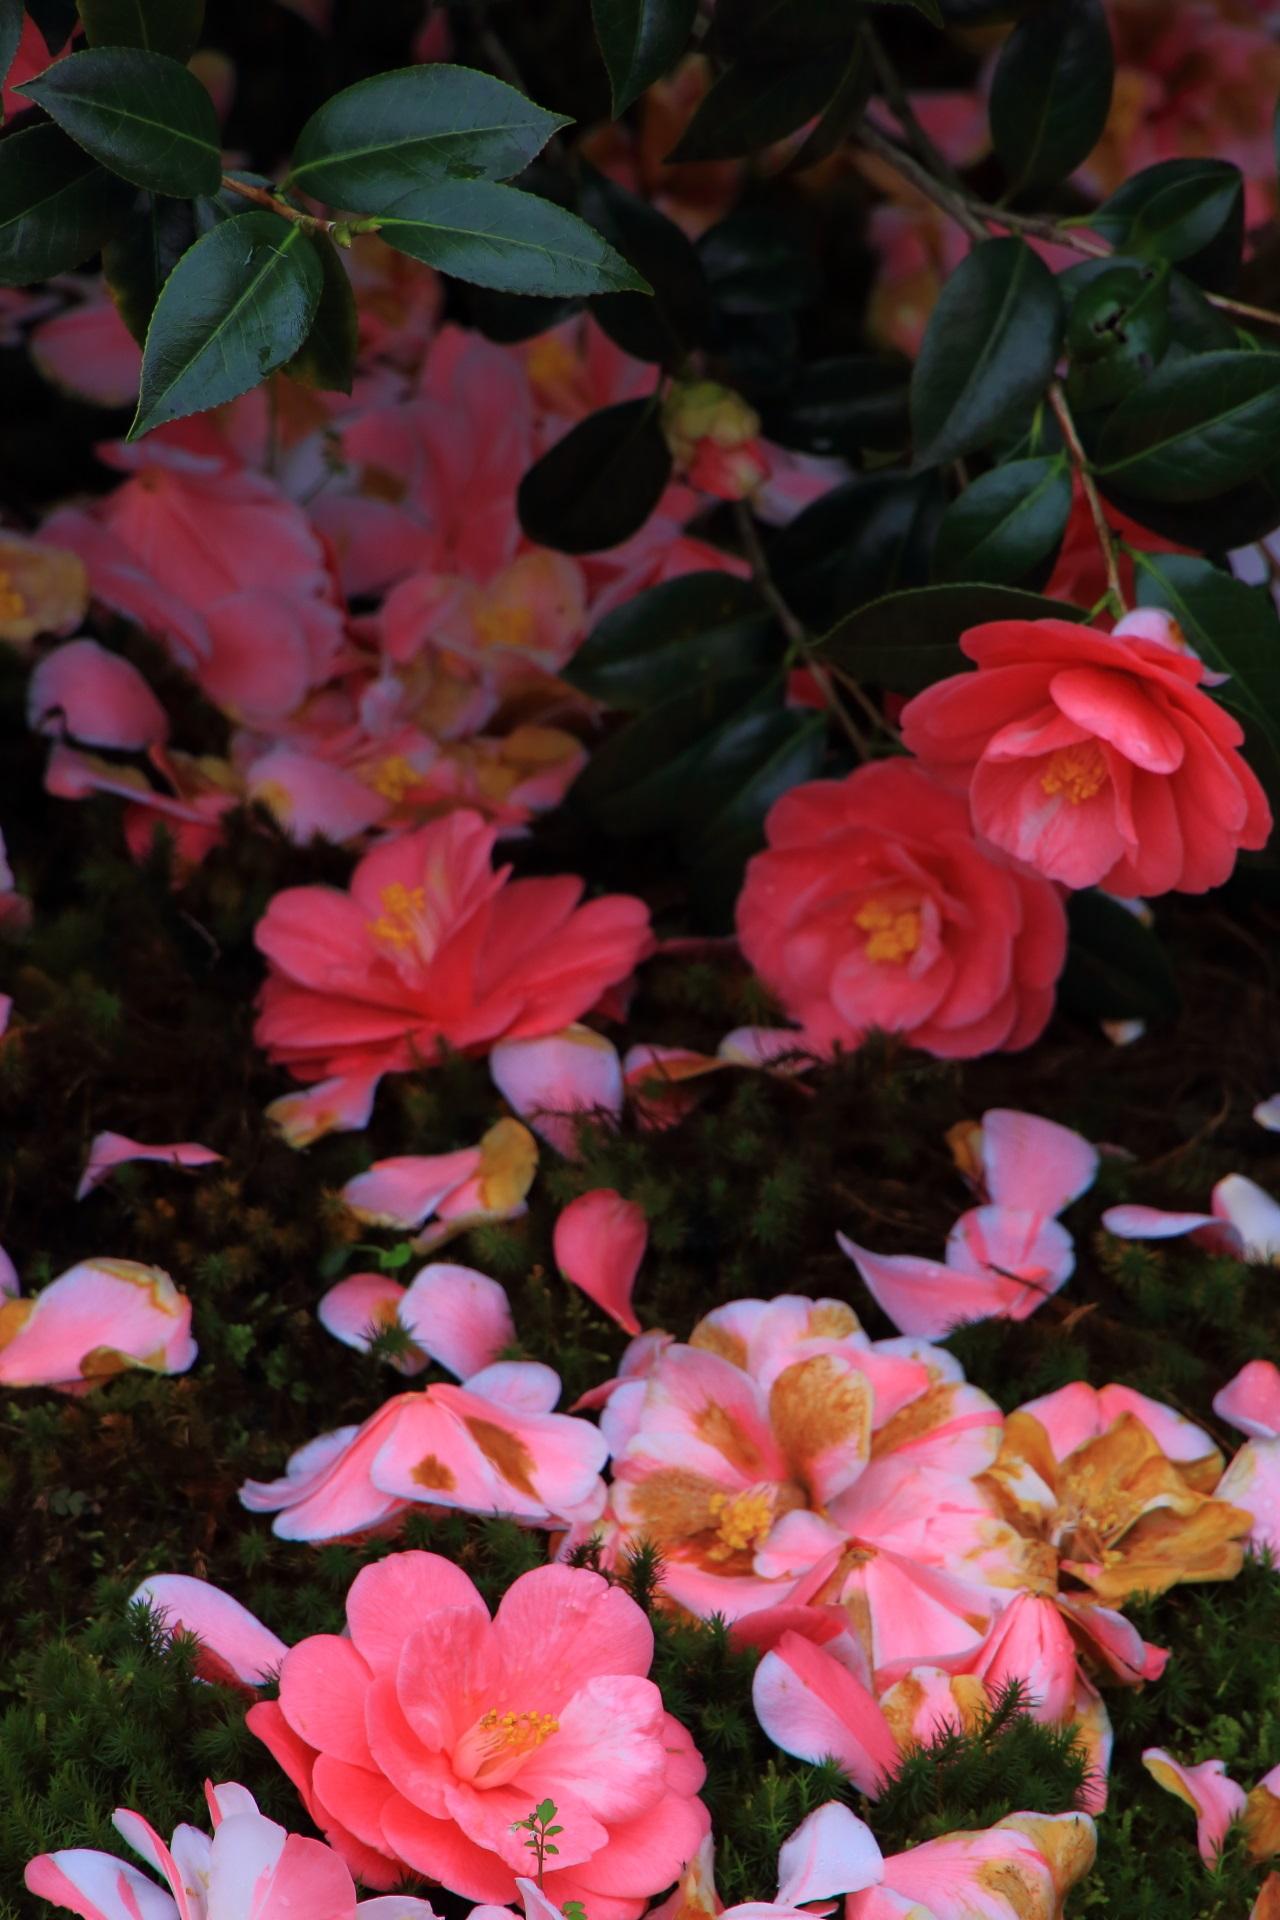 ふかふかの苔の上に咲くように散っている椿